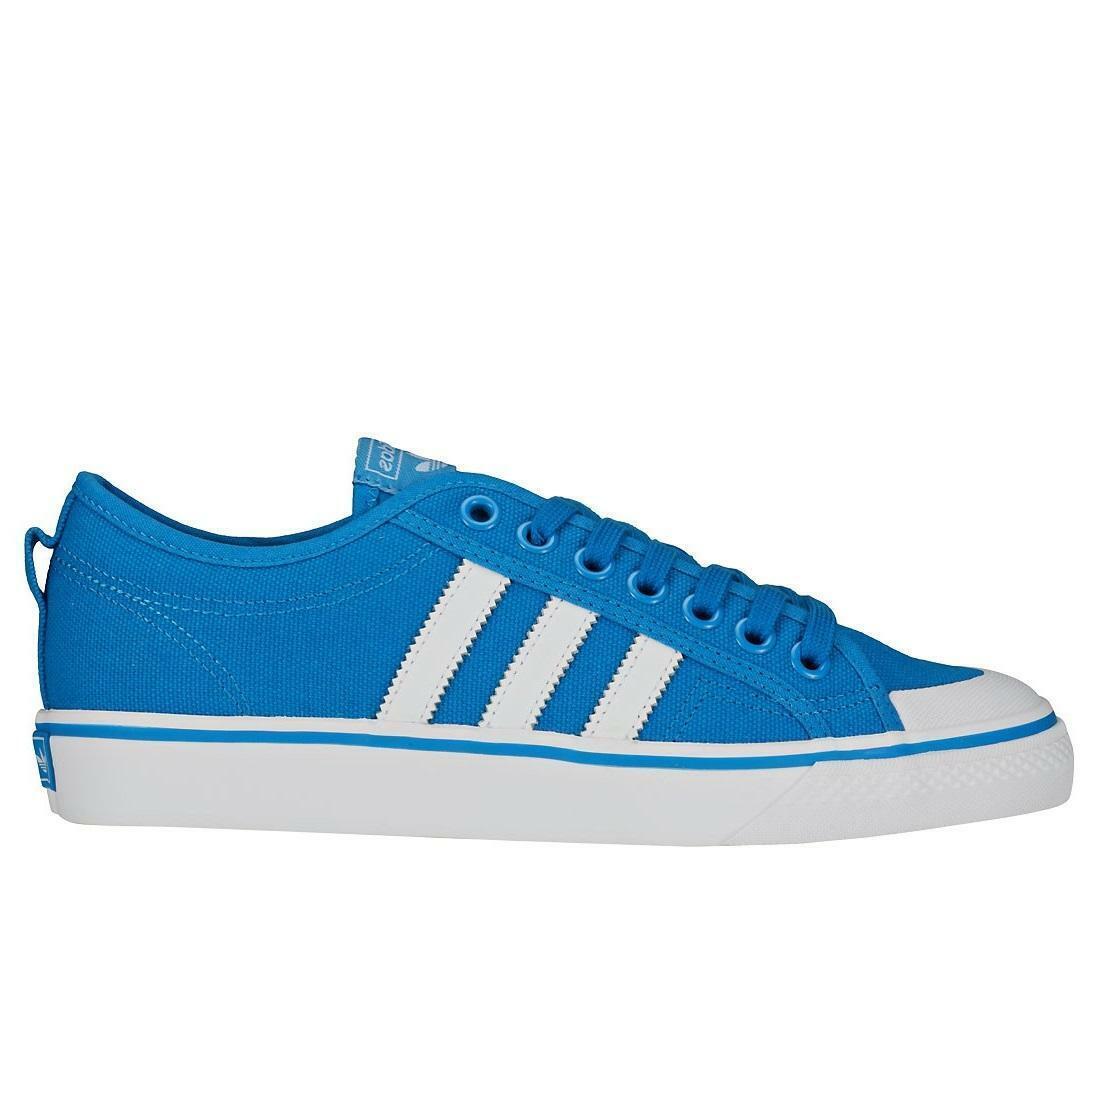 Mens ADIDAS NIZZA blu  Trainers CQ2330  sport dello shopping online